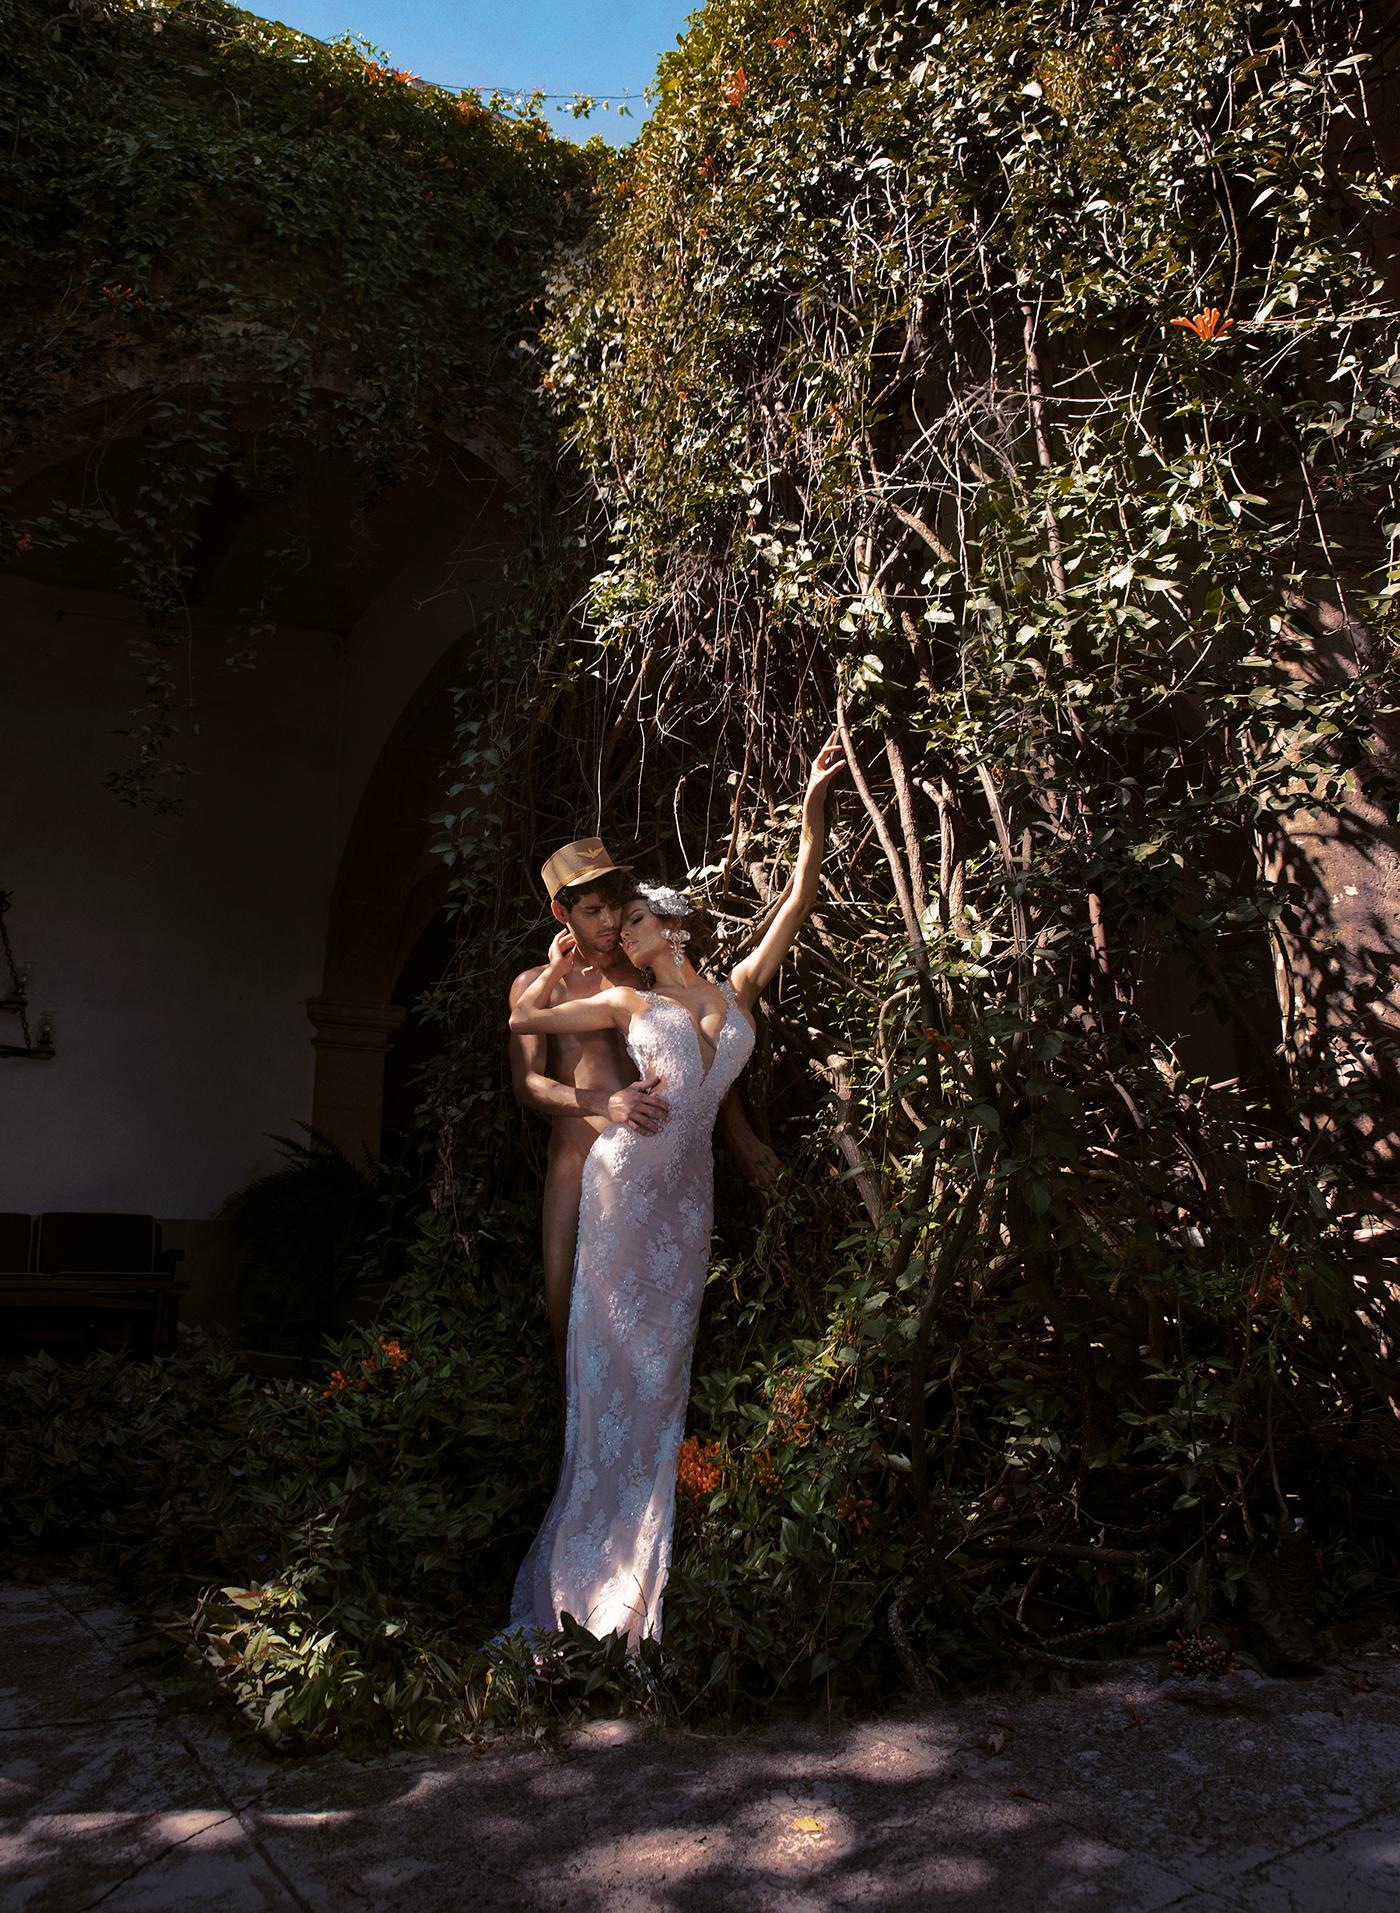 Lozzano Brides S/S 2017 Amor A La Mexicana - фото Jvdas Berra